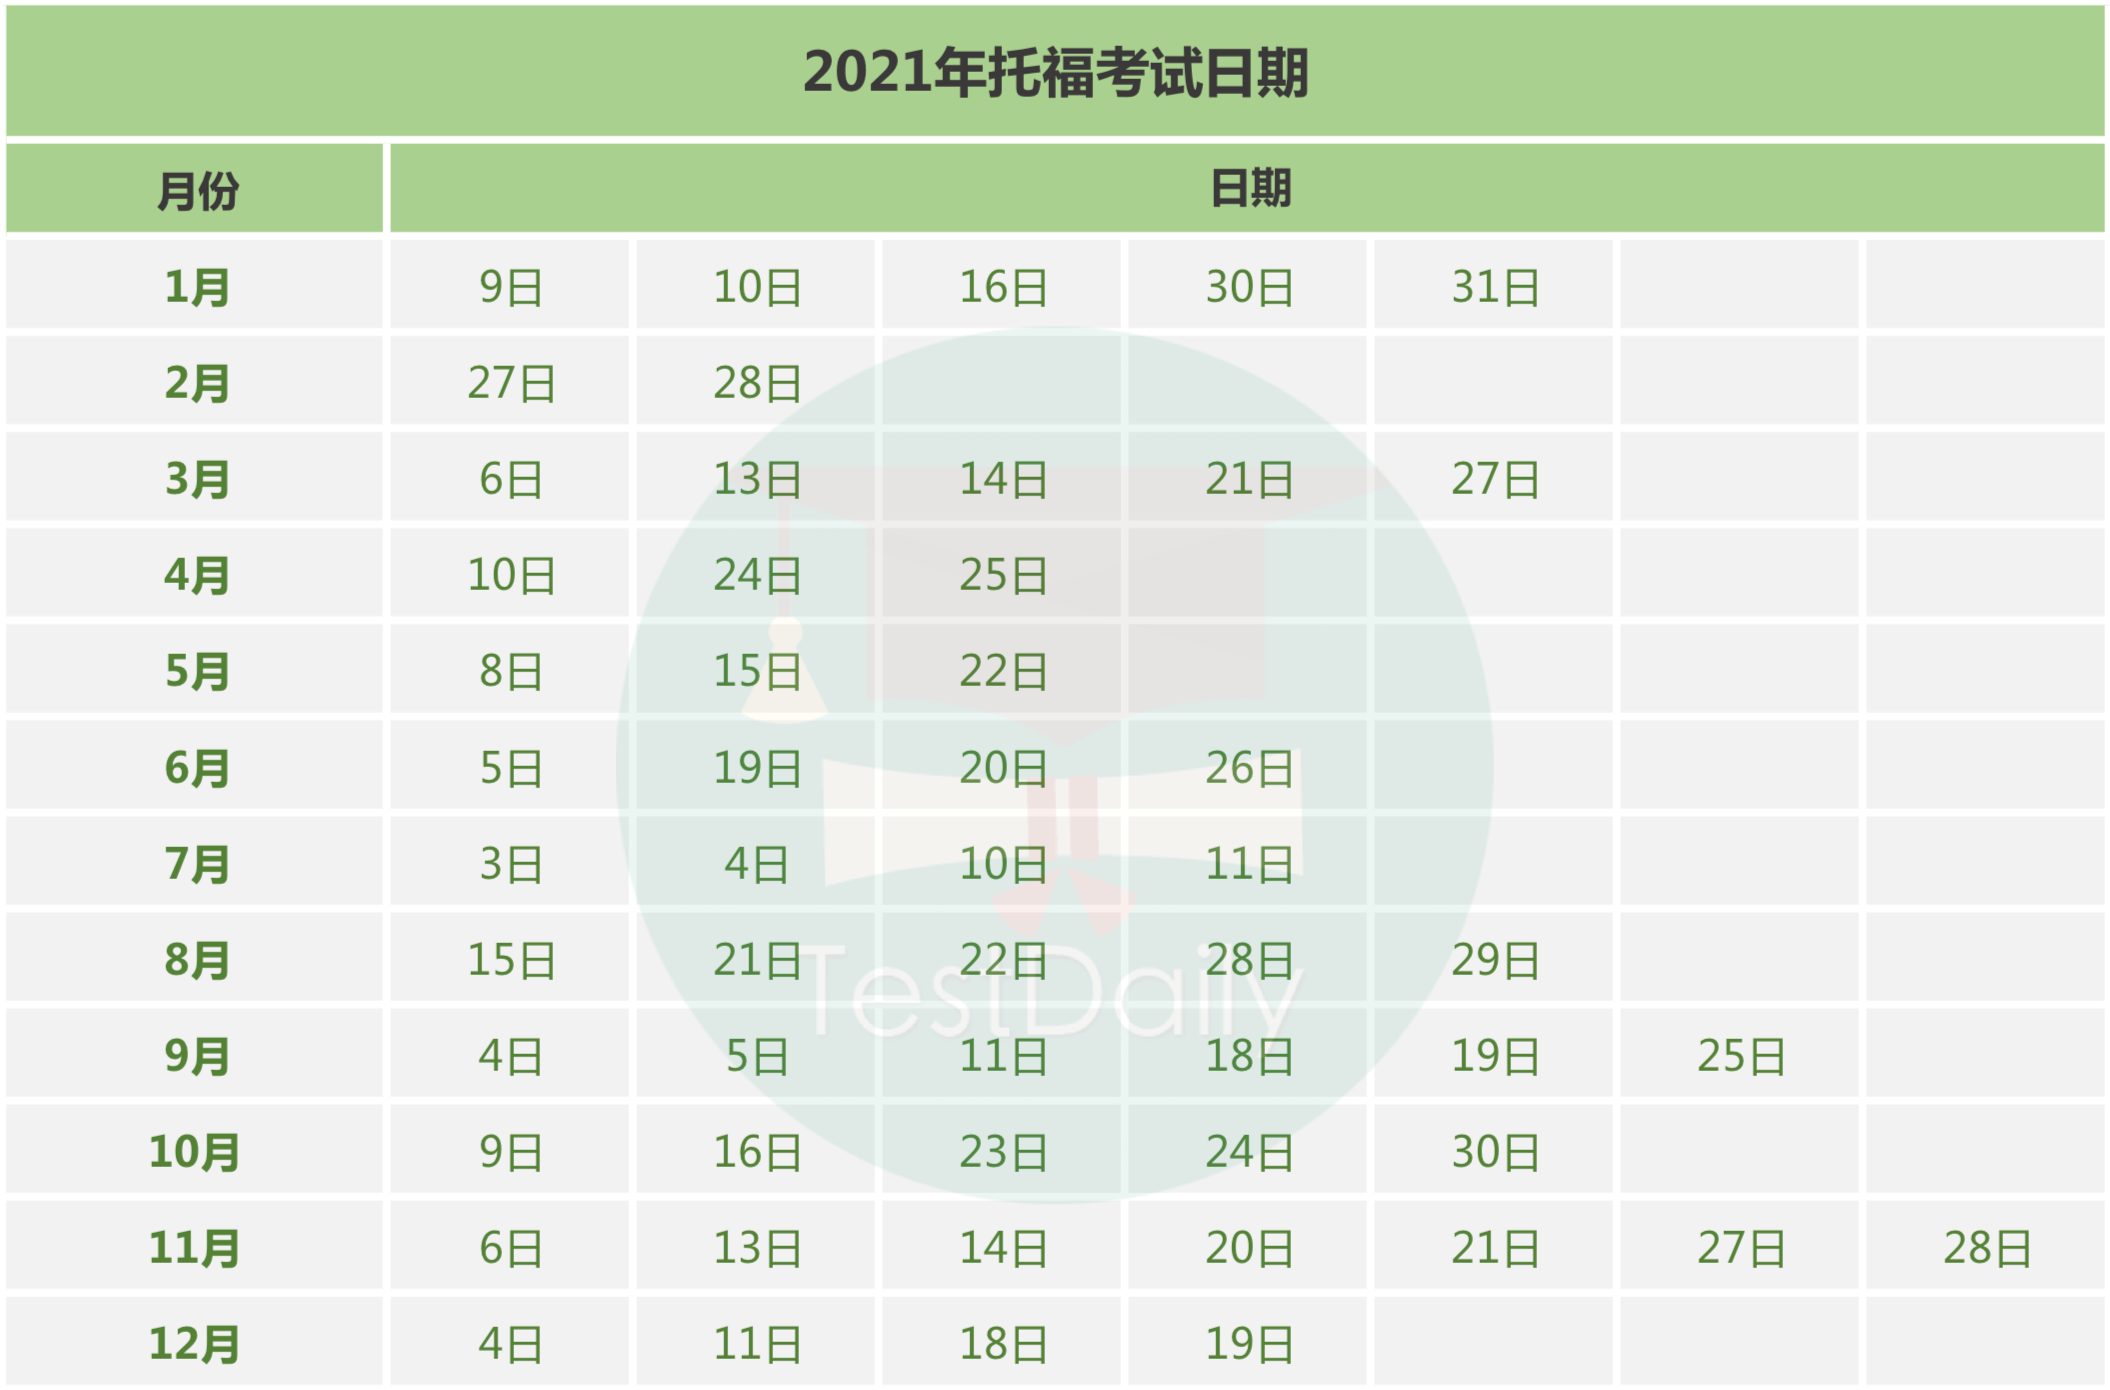 最新!2021年托福/雅思/GRE报名及考试日期公布!